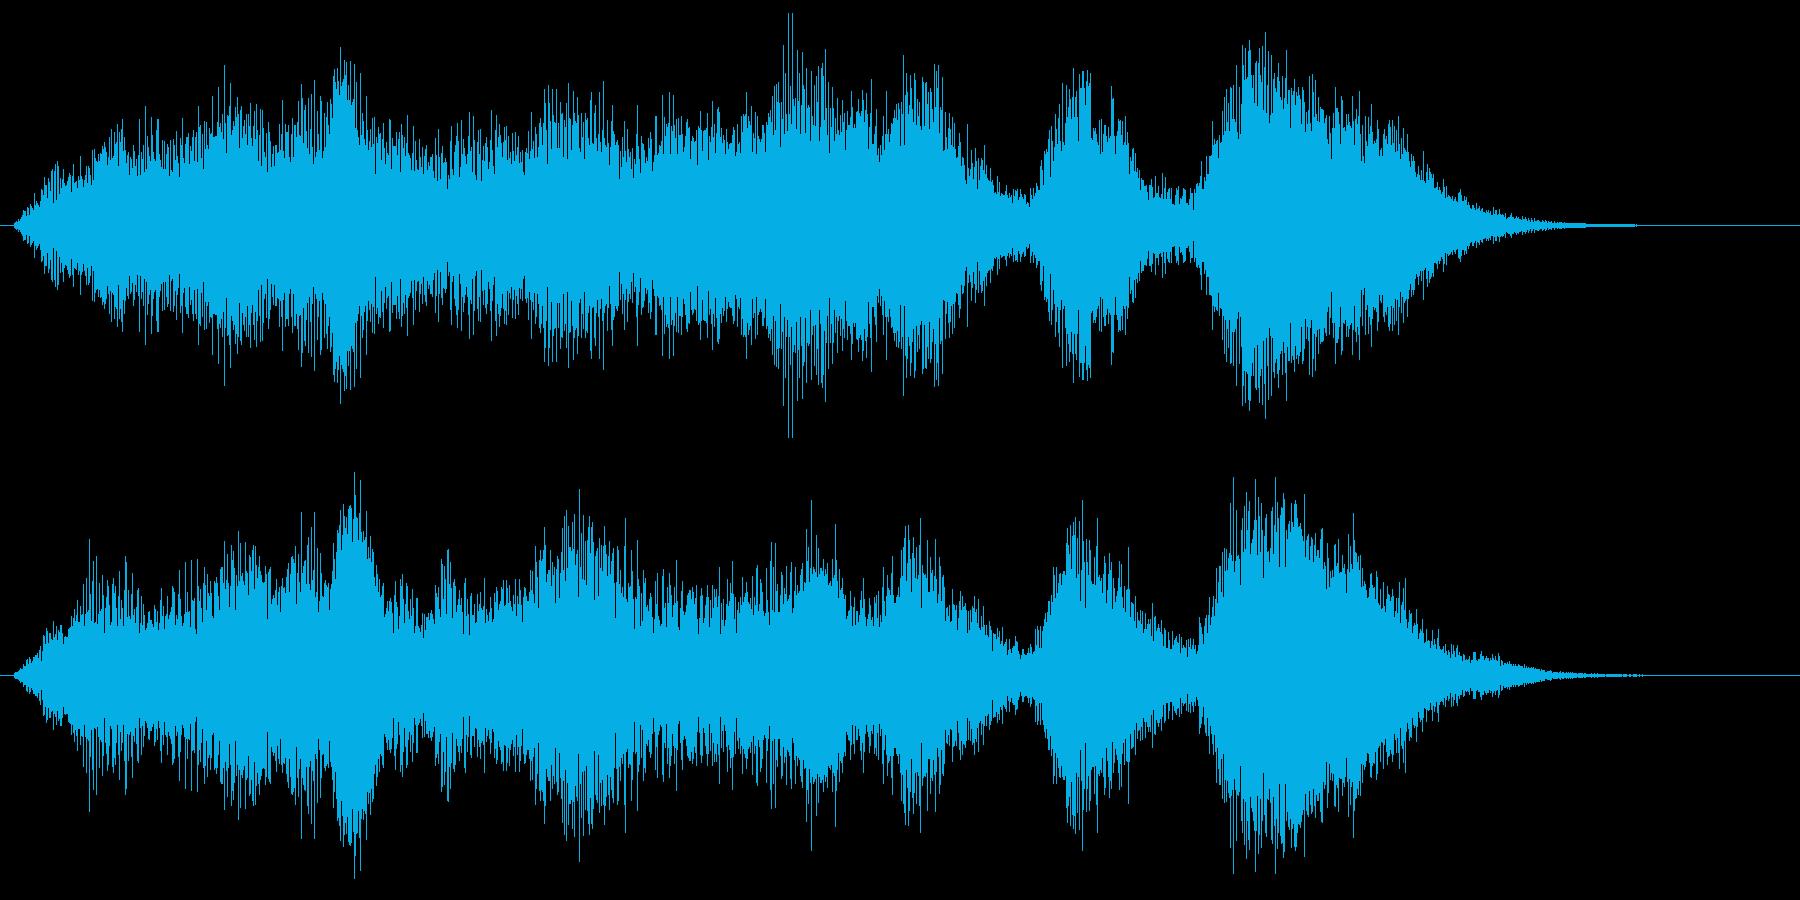 ホルンとストリングスの爽やかサウンドロゴの再生済みの波形